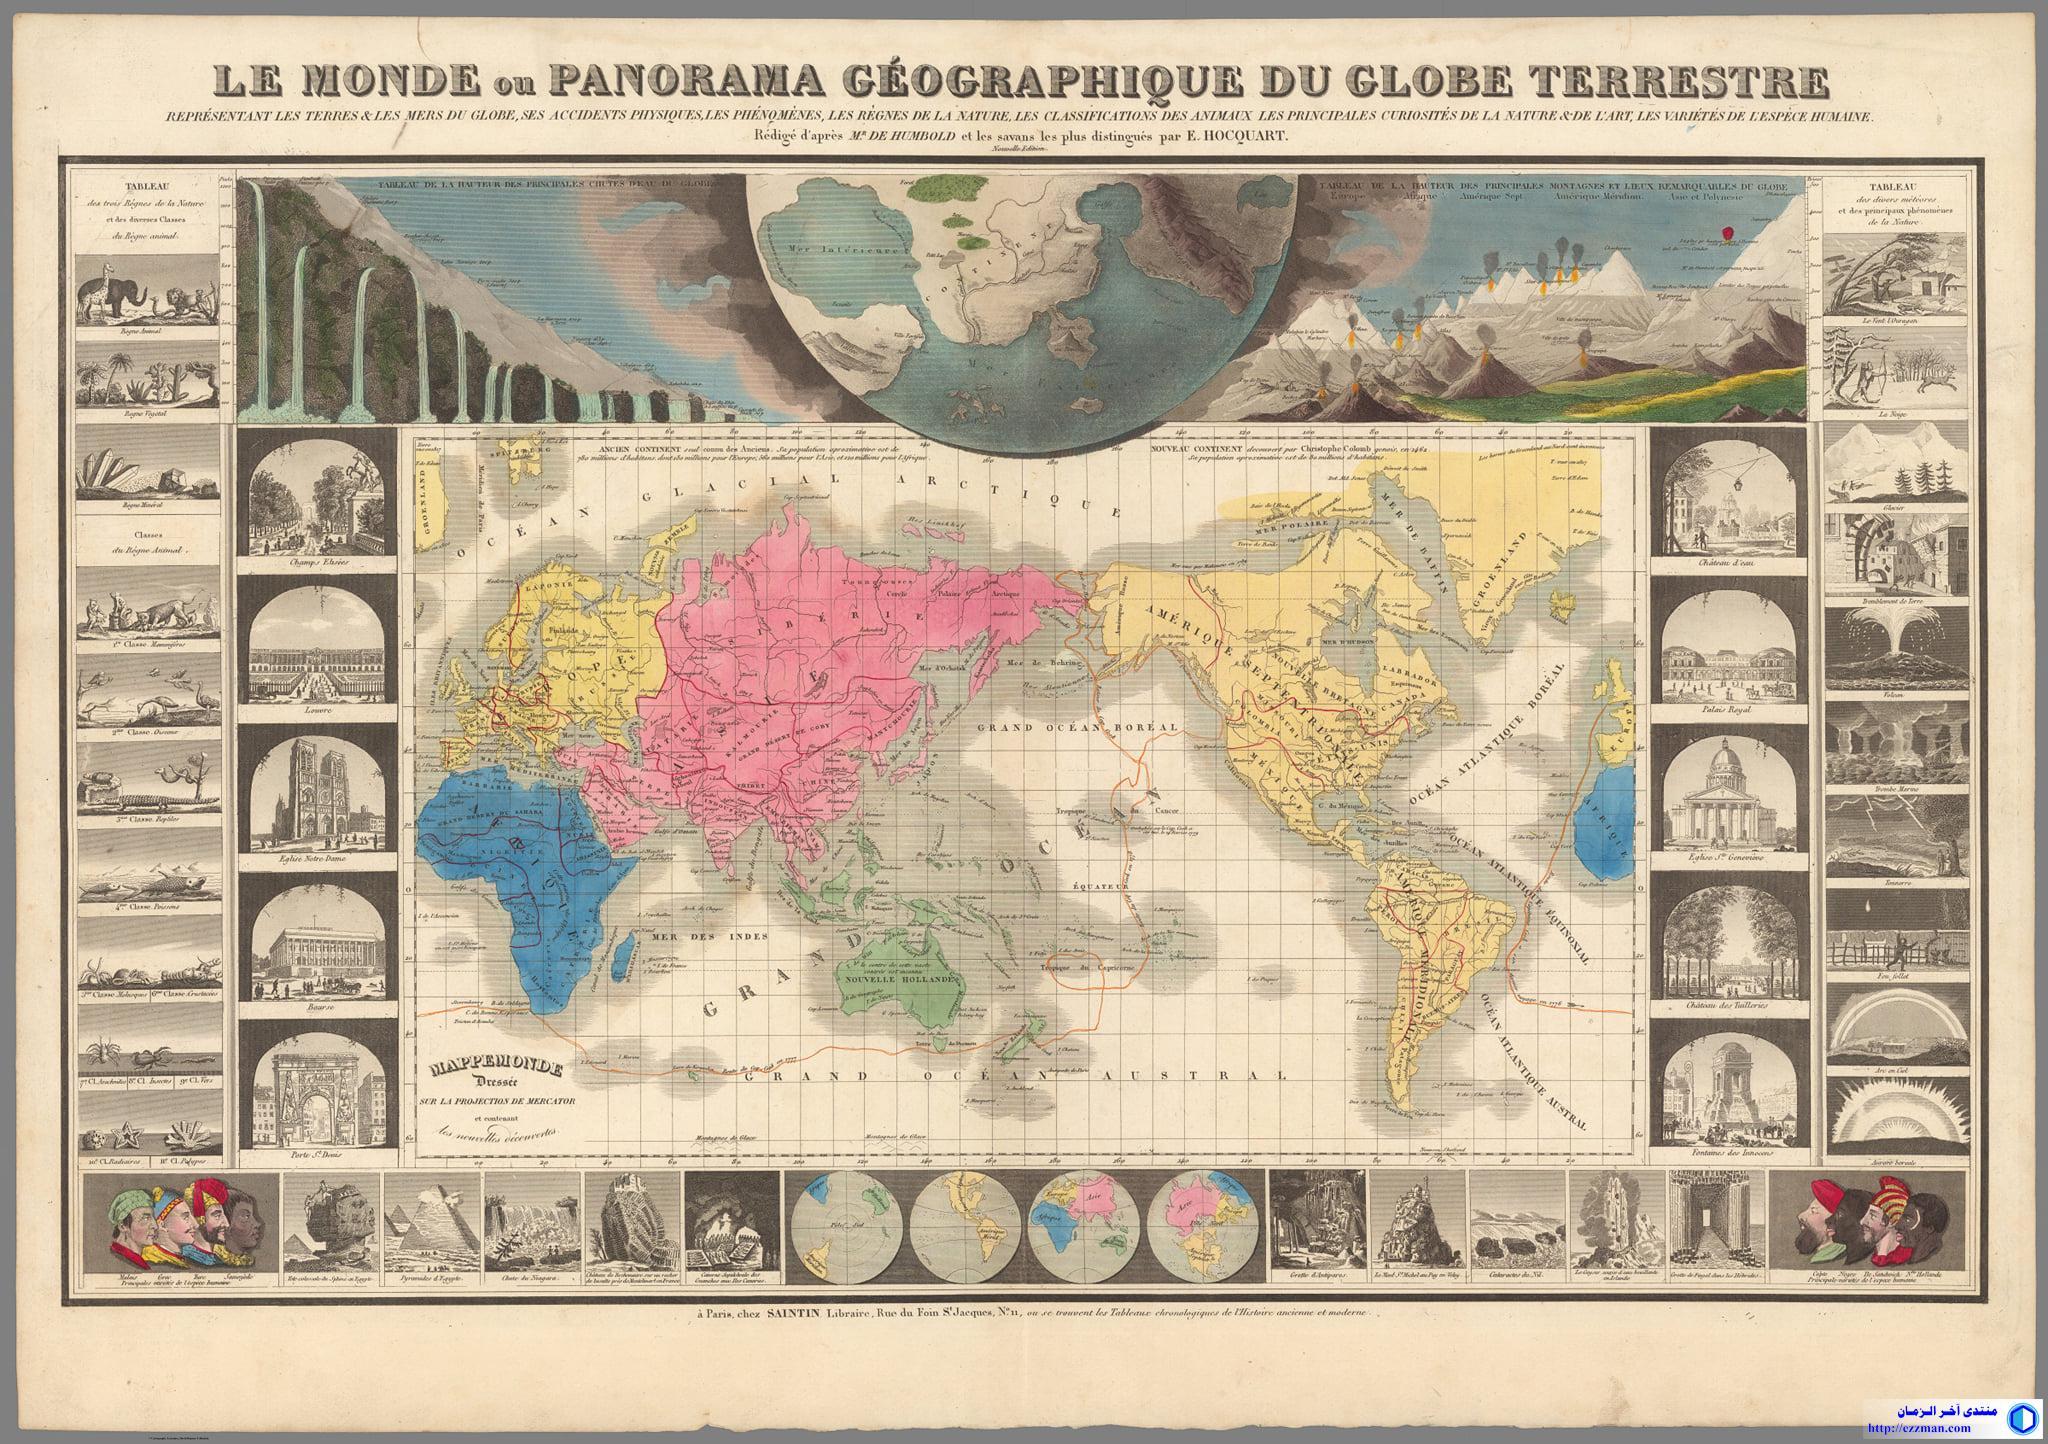 خريطة العالم البانوراما الجغرافية للكرة